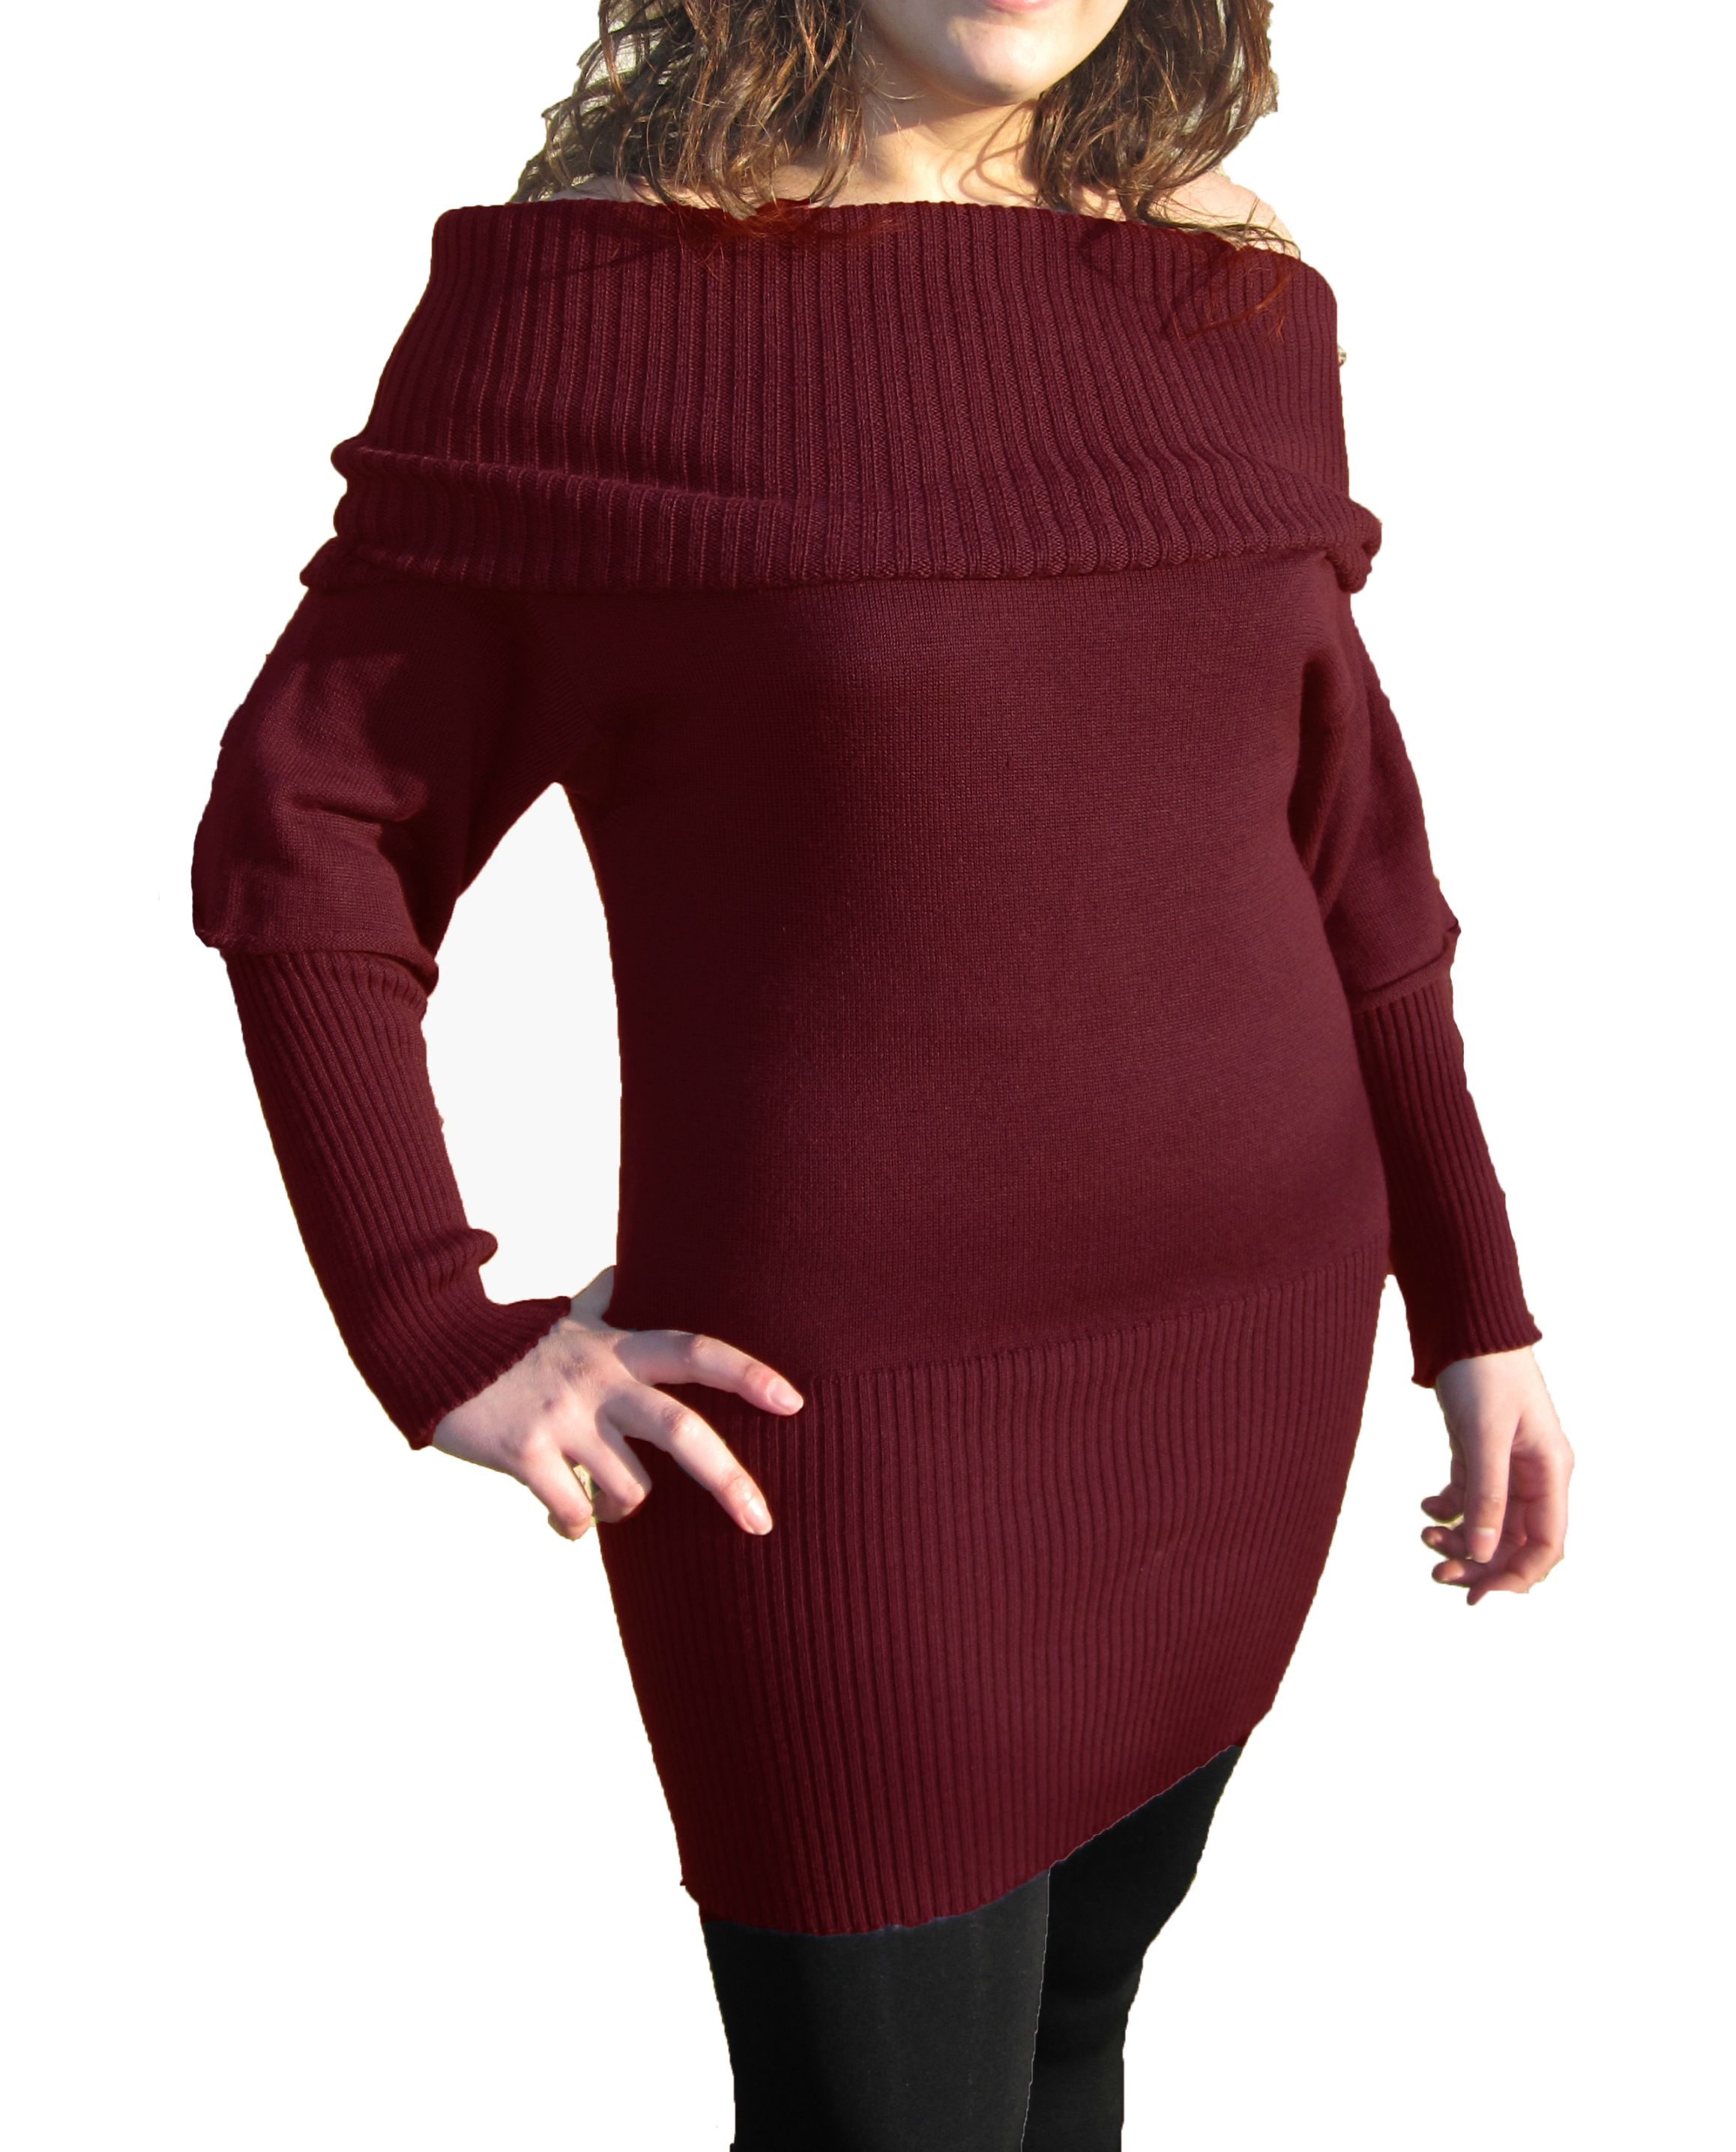 Knitwear Short Dress with Boat Neck - Bordeaux